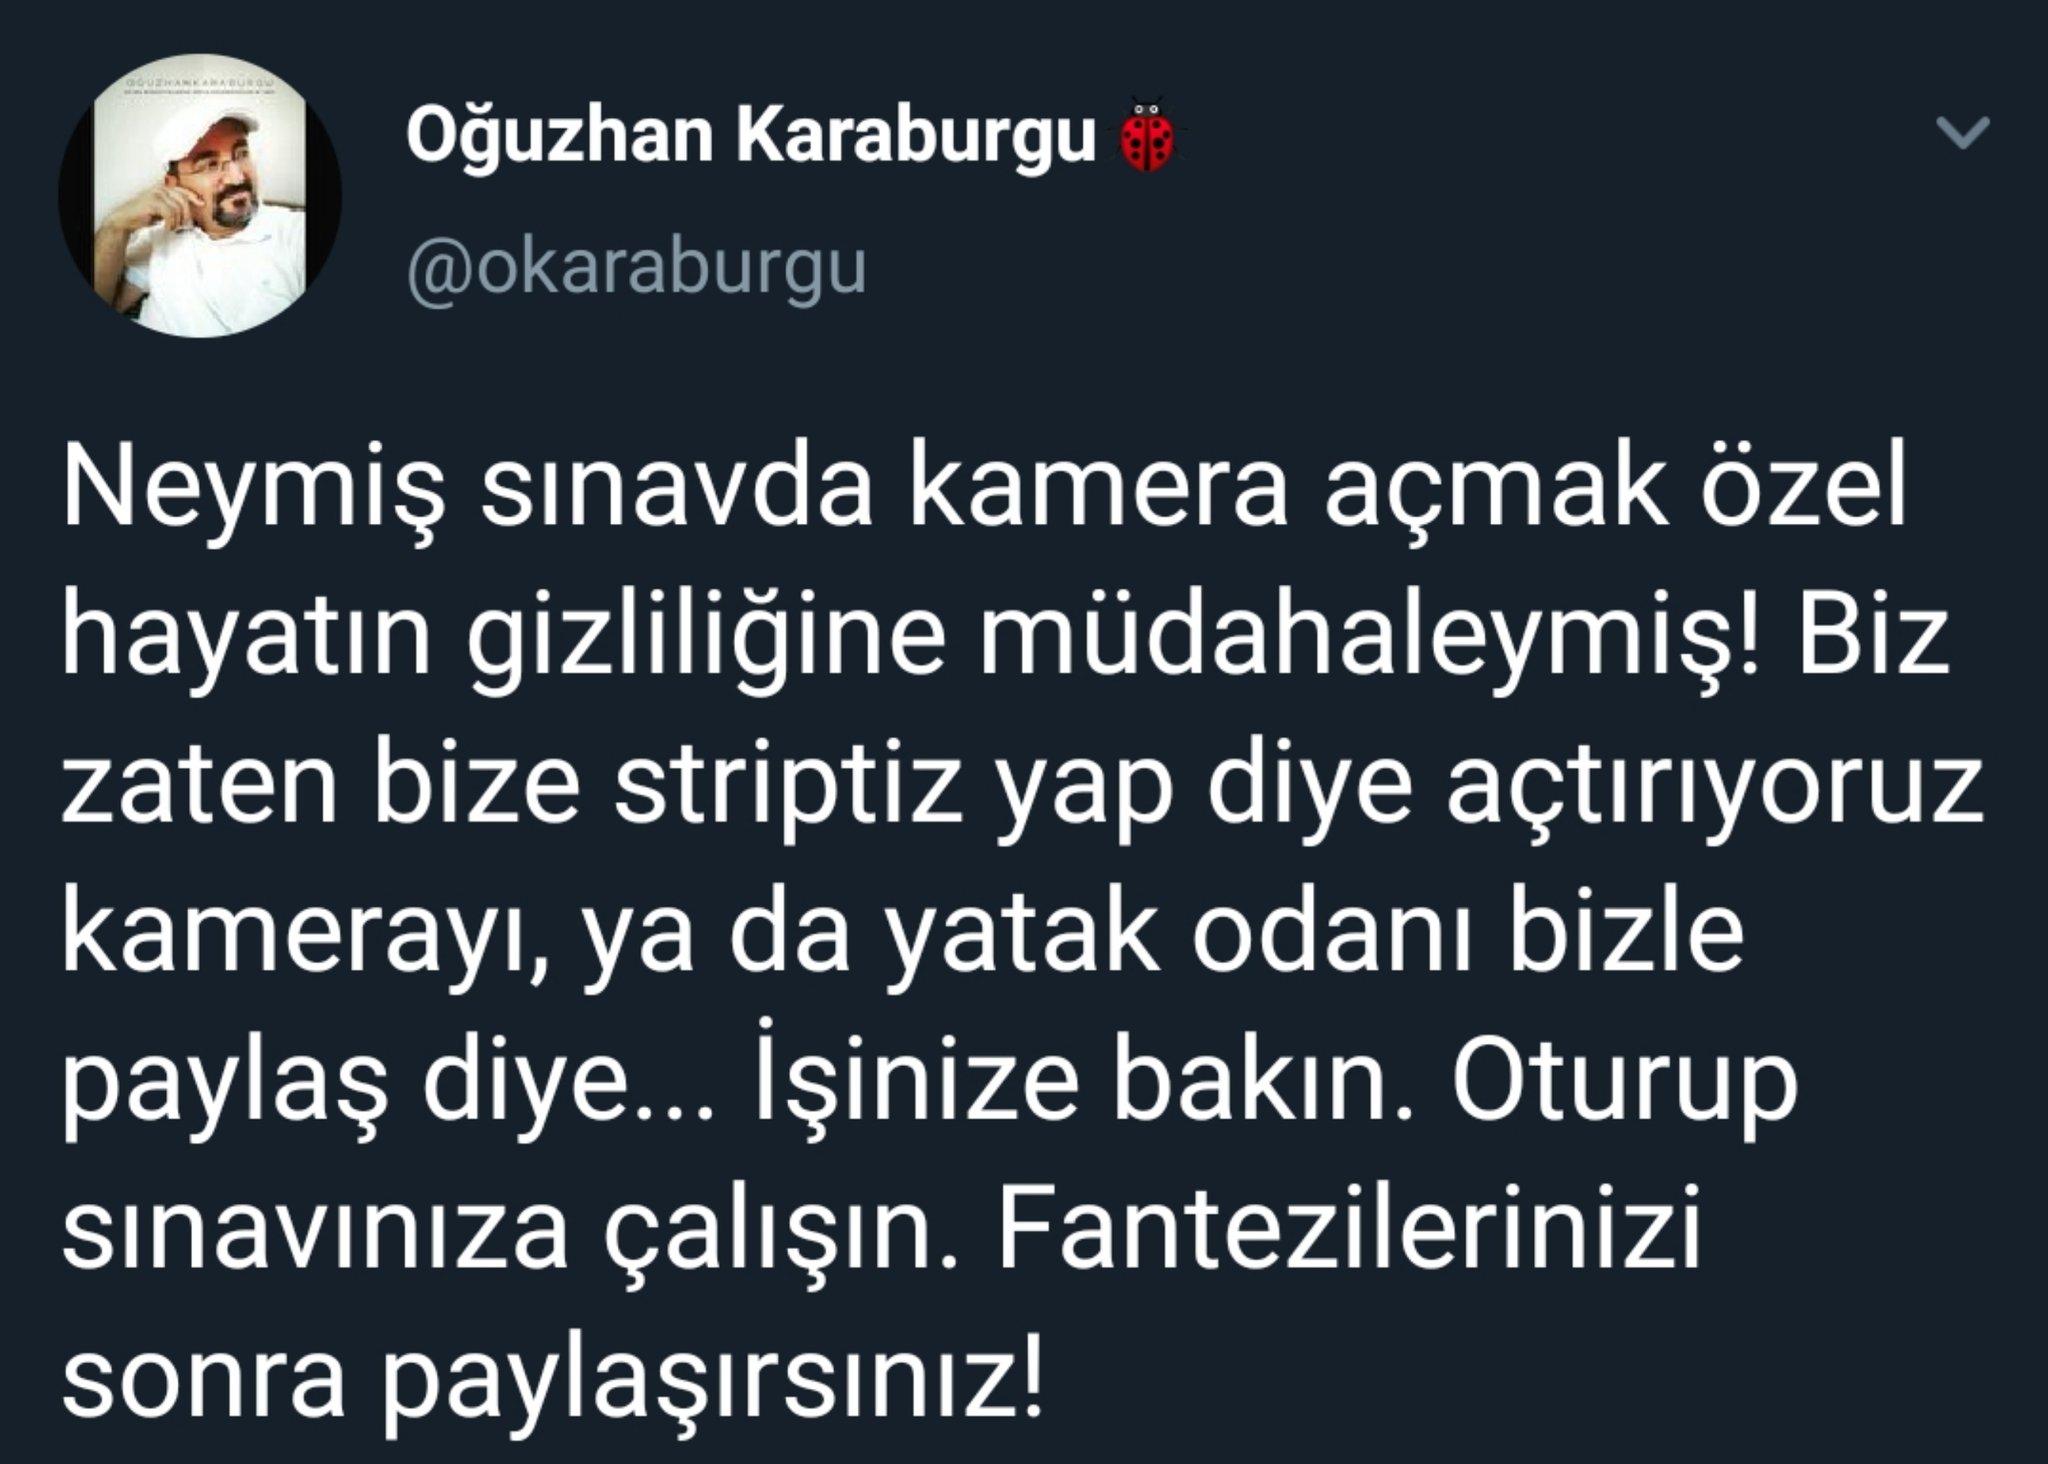 Oğuzhan Karaburgu